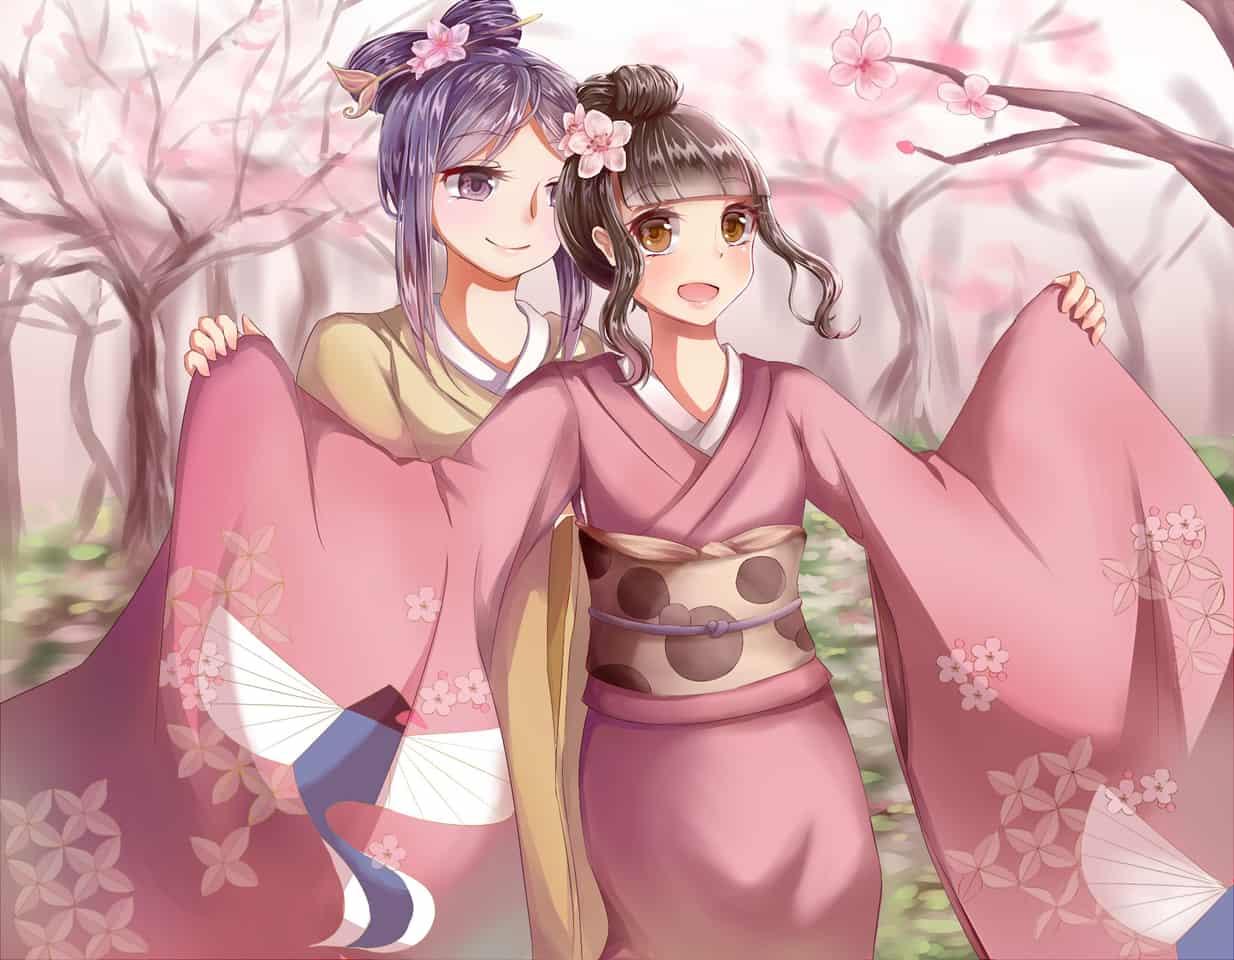 交織 Illust of 雨兔 Kyoto_Award2020_illustration sakura kimono 臺灣 girl